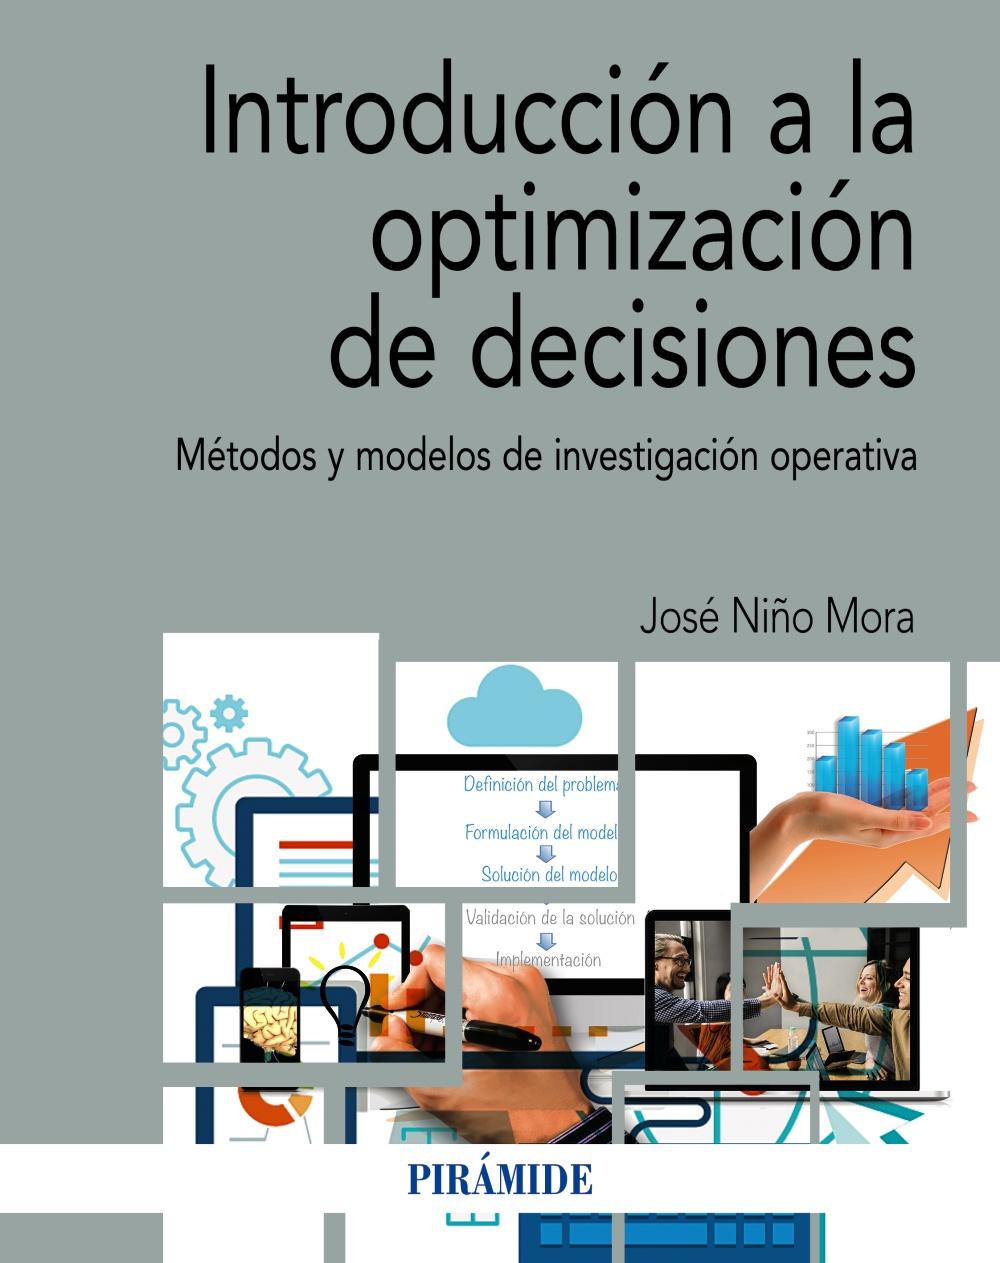 Introducción a la optimización de decisiones